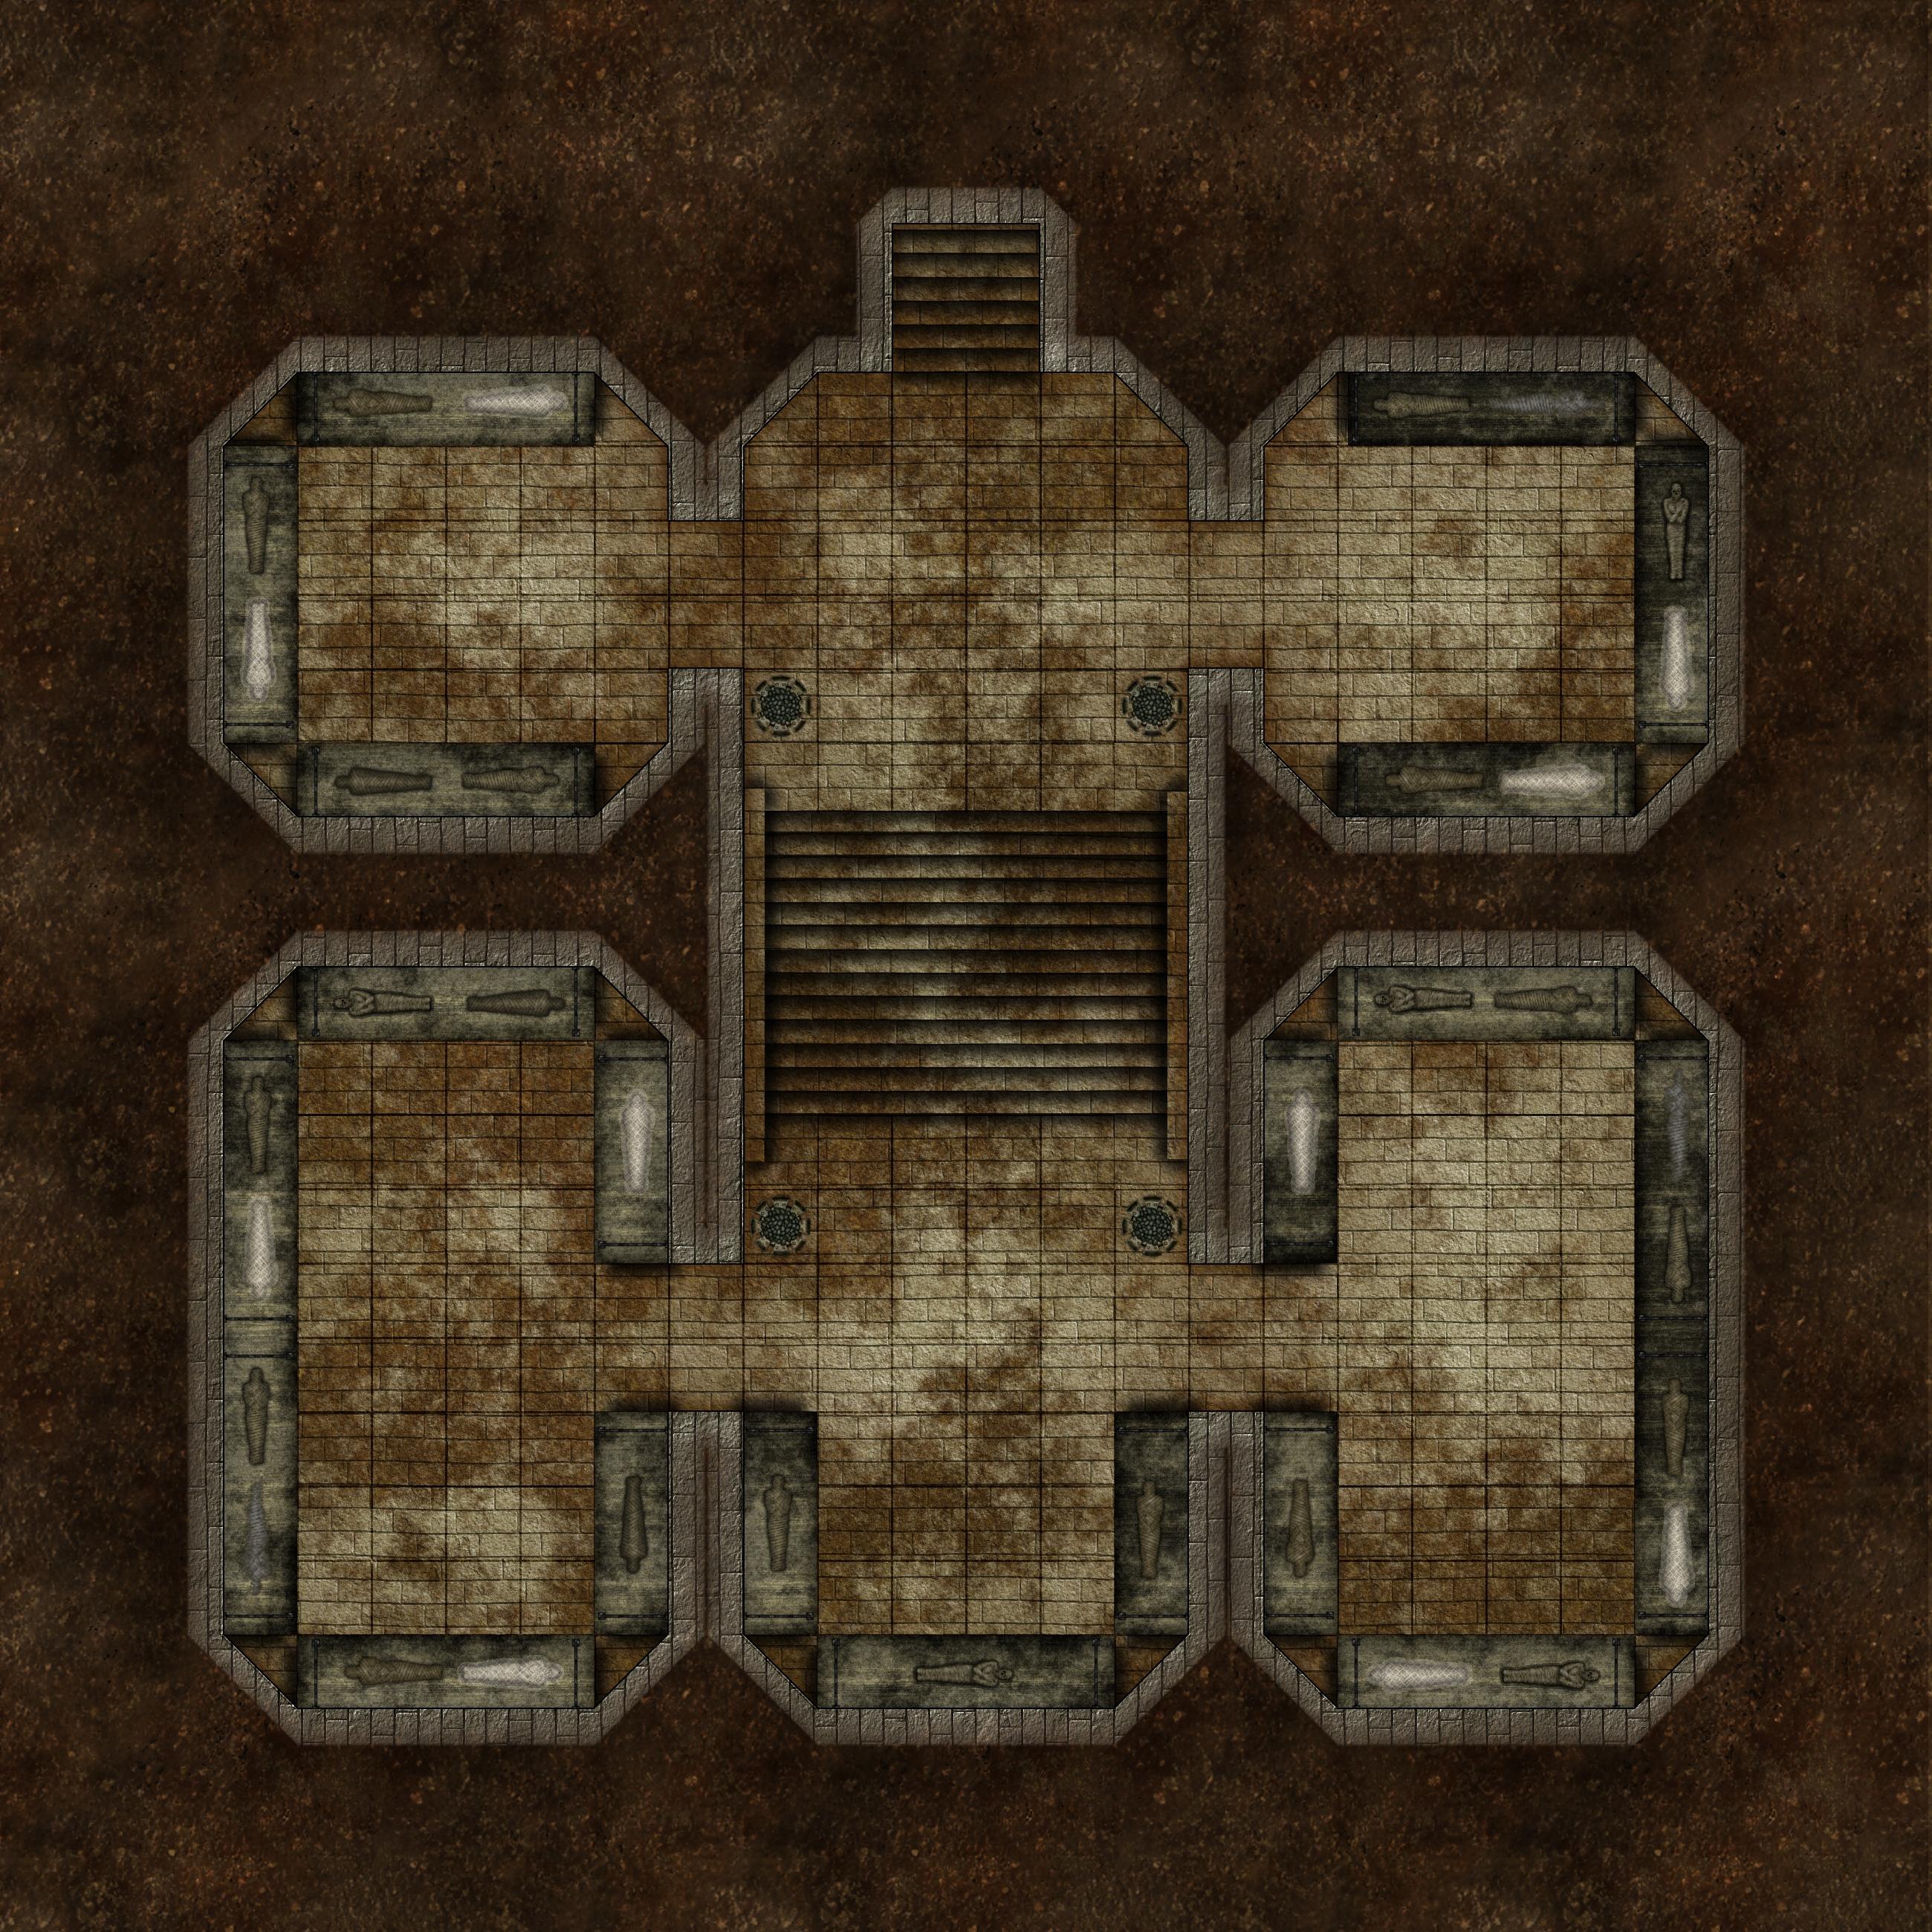 Family Burial Crypt - 4e D&D